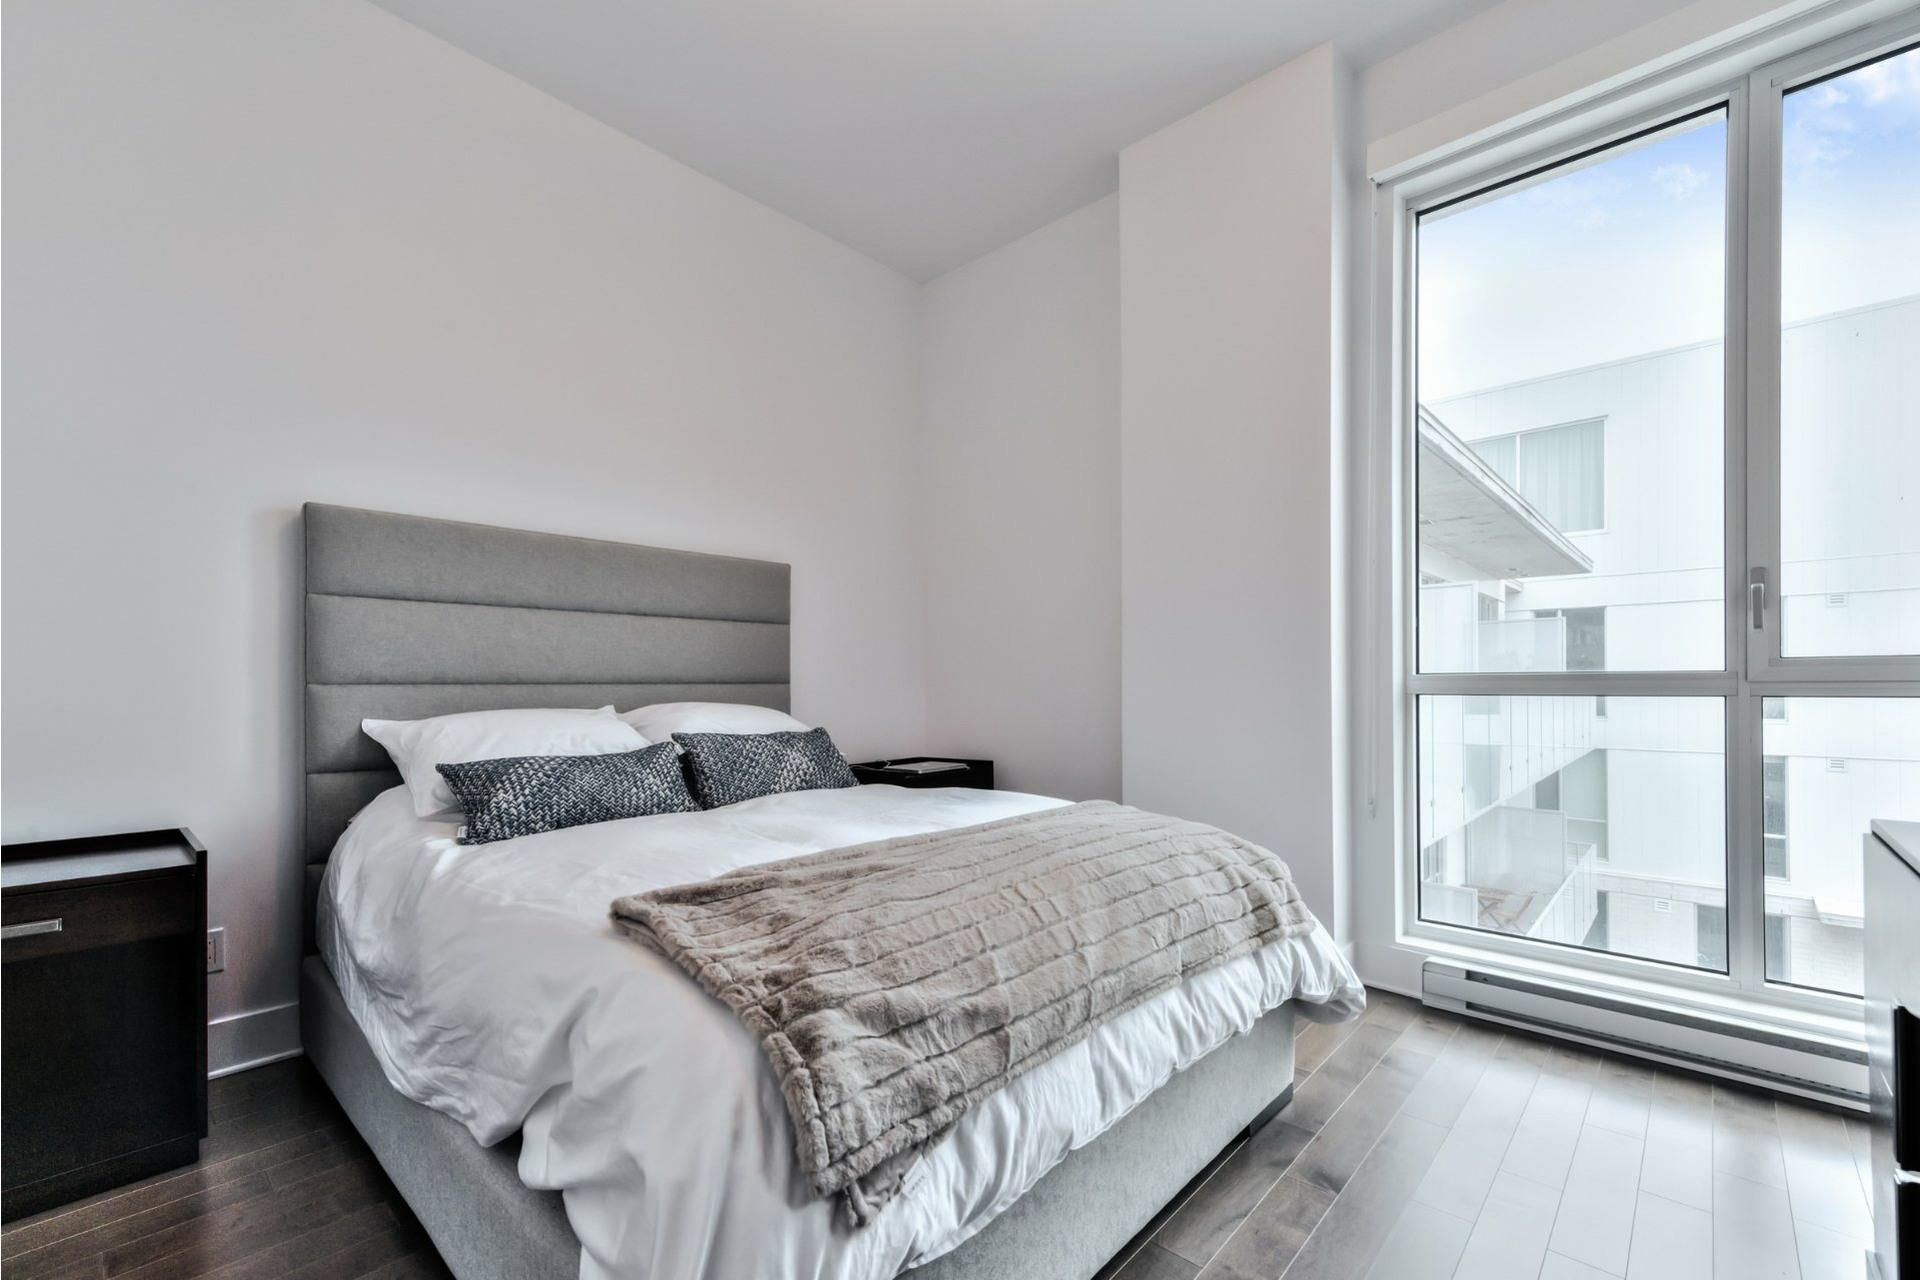 image 15 - Apartment For sale Côte-des-Neiges/Notre-Dame-de-Grâce Montréal  - 4 rooms